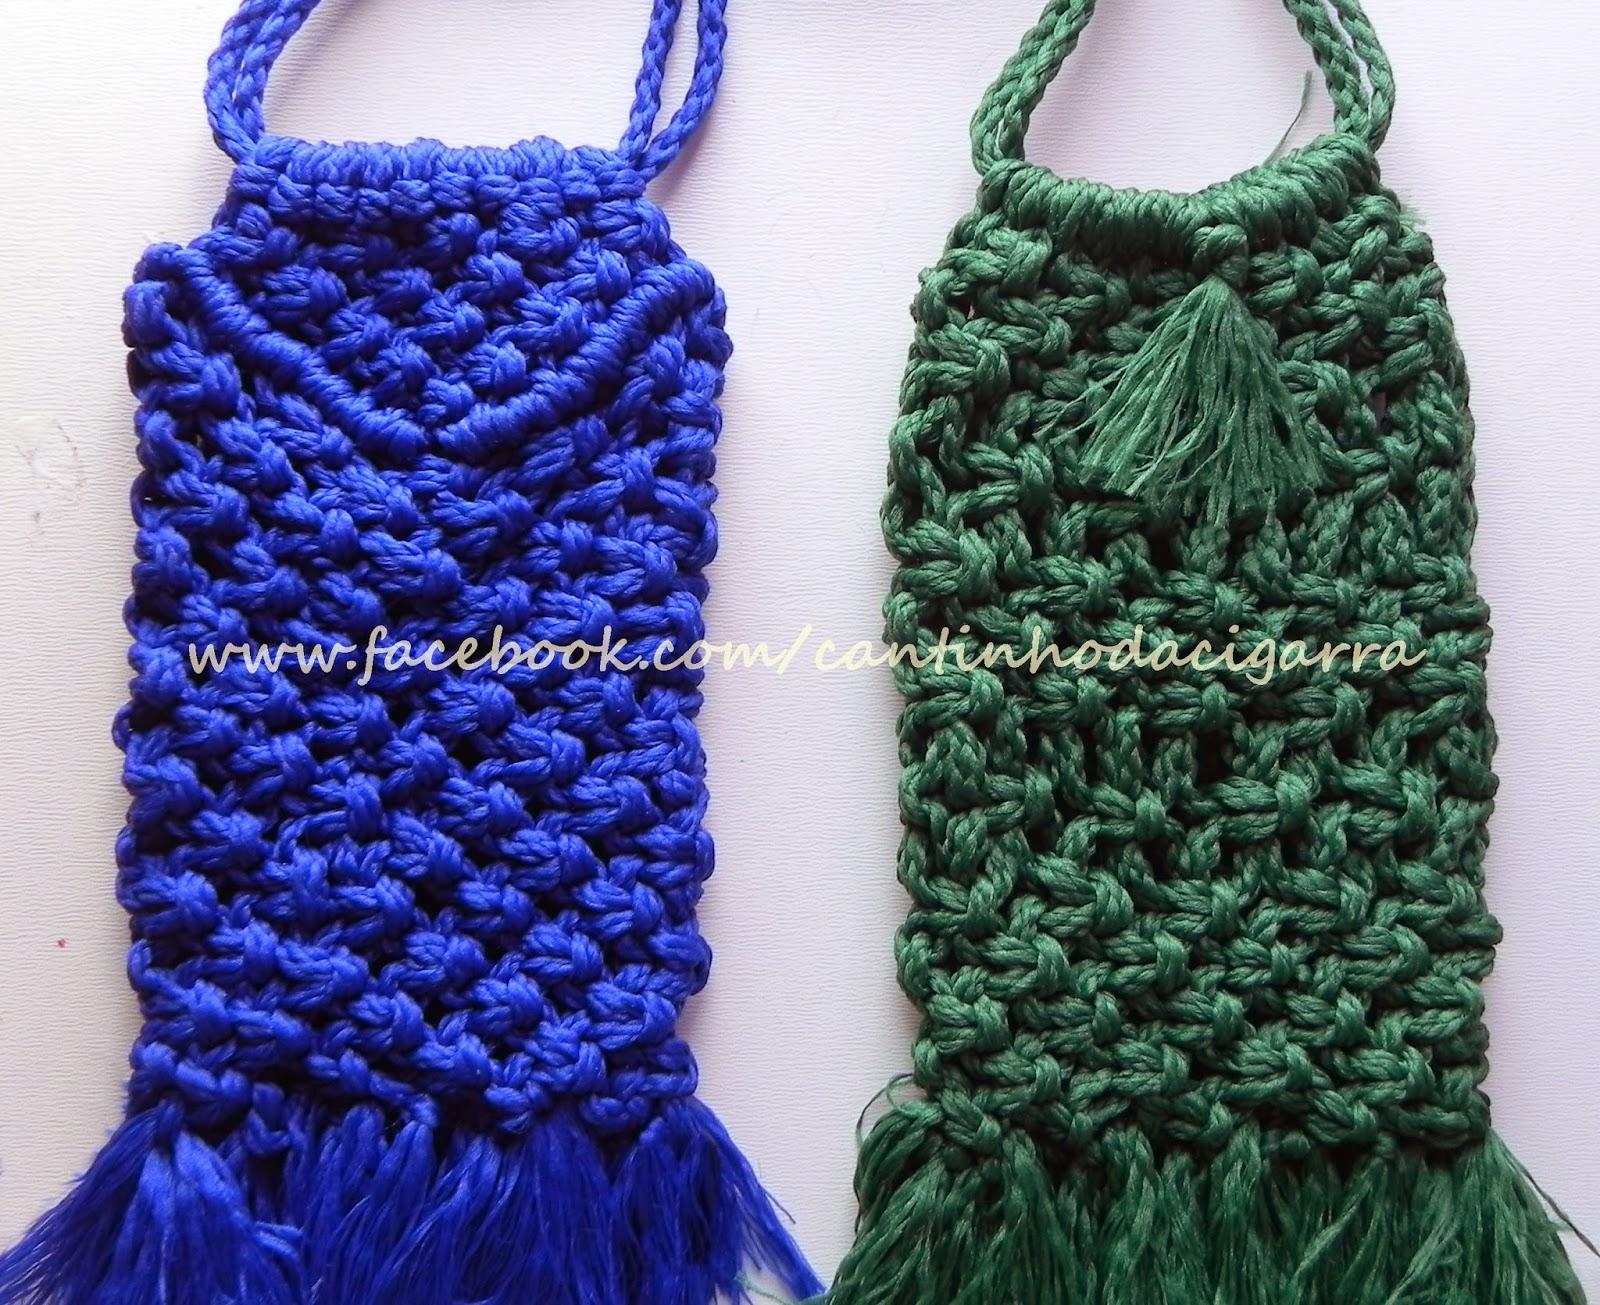 http://cantinhodacigarra.blogspot.com.br/p/bolsas.html